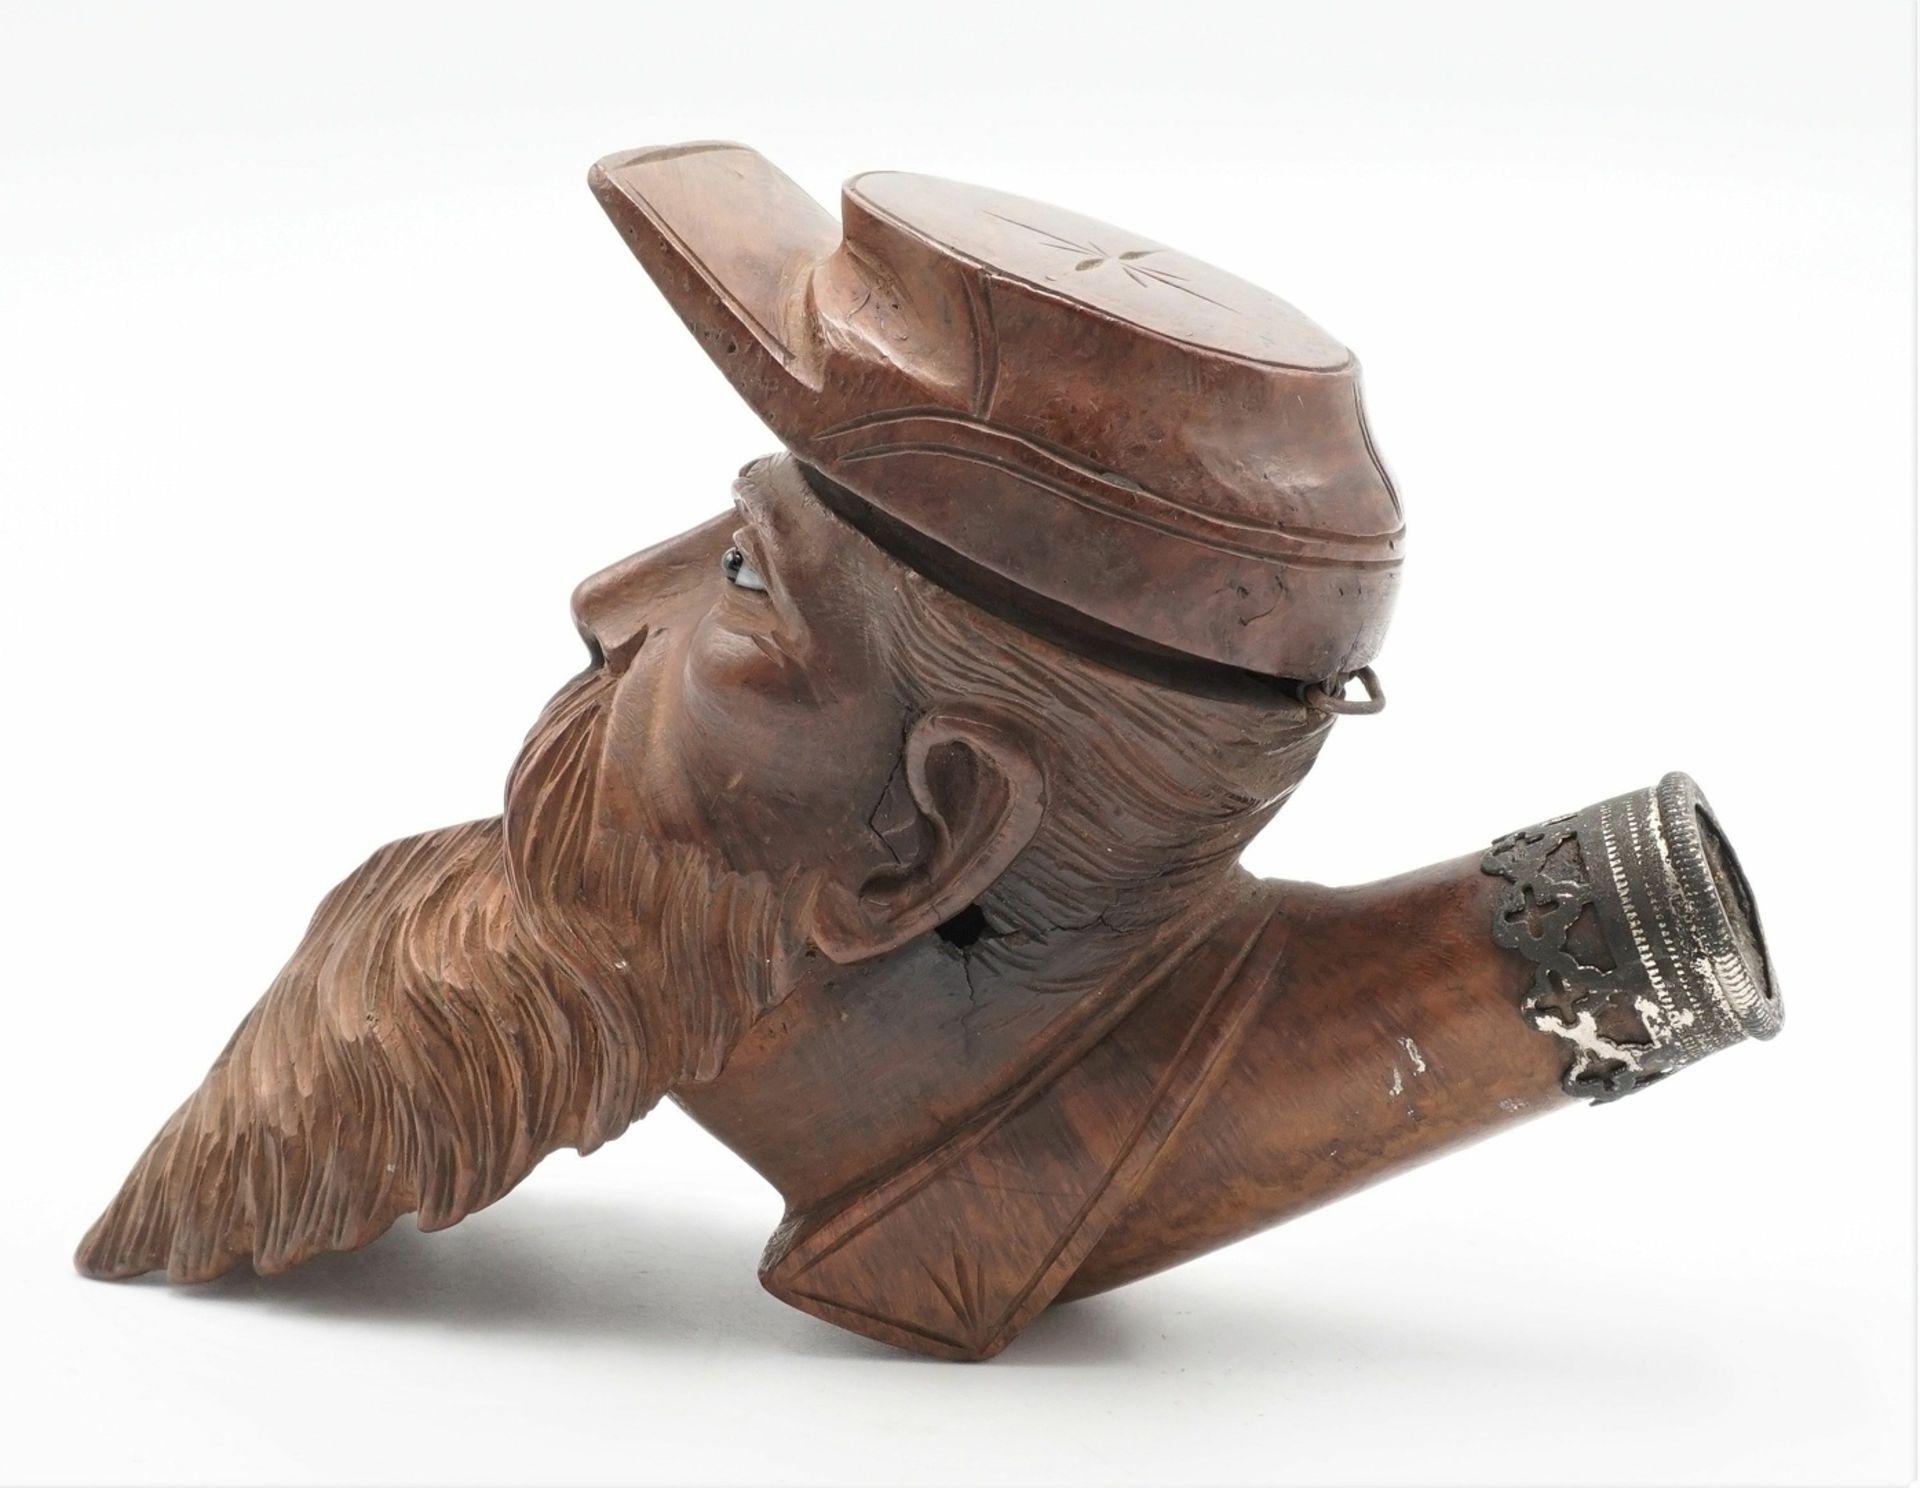 Pfeifenkopf in Form eines bärtigen Mannes mit Mütze, 19./20. Jh. - Bild 2 aus 4